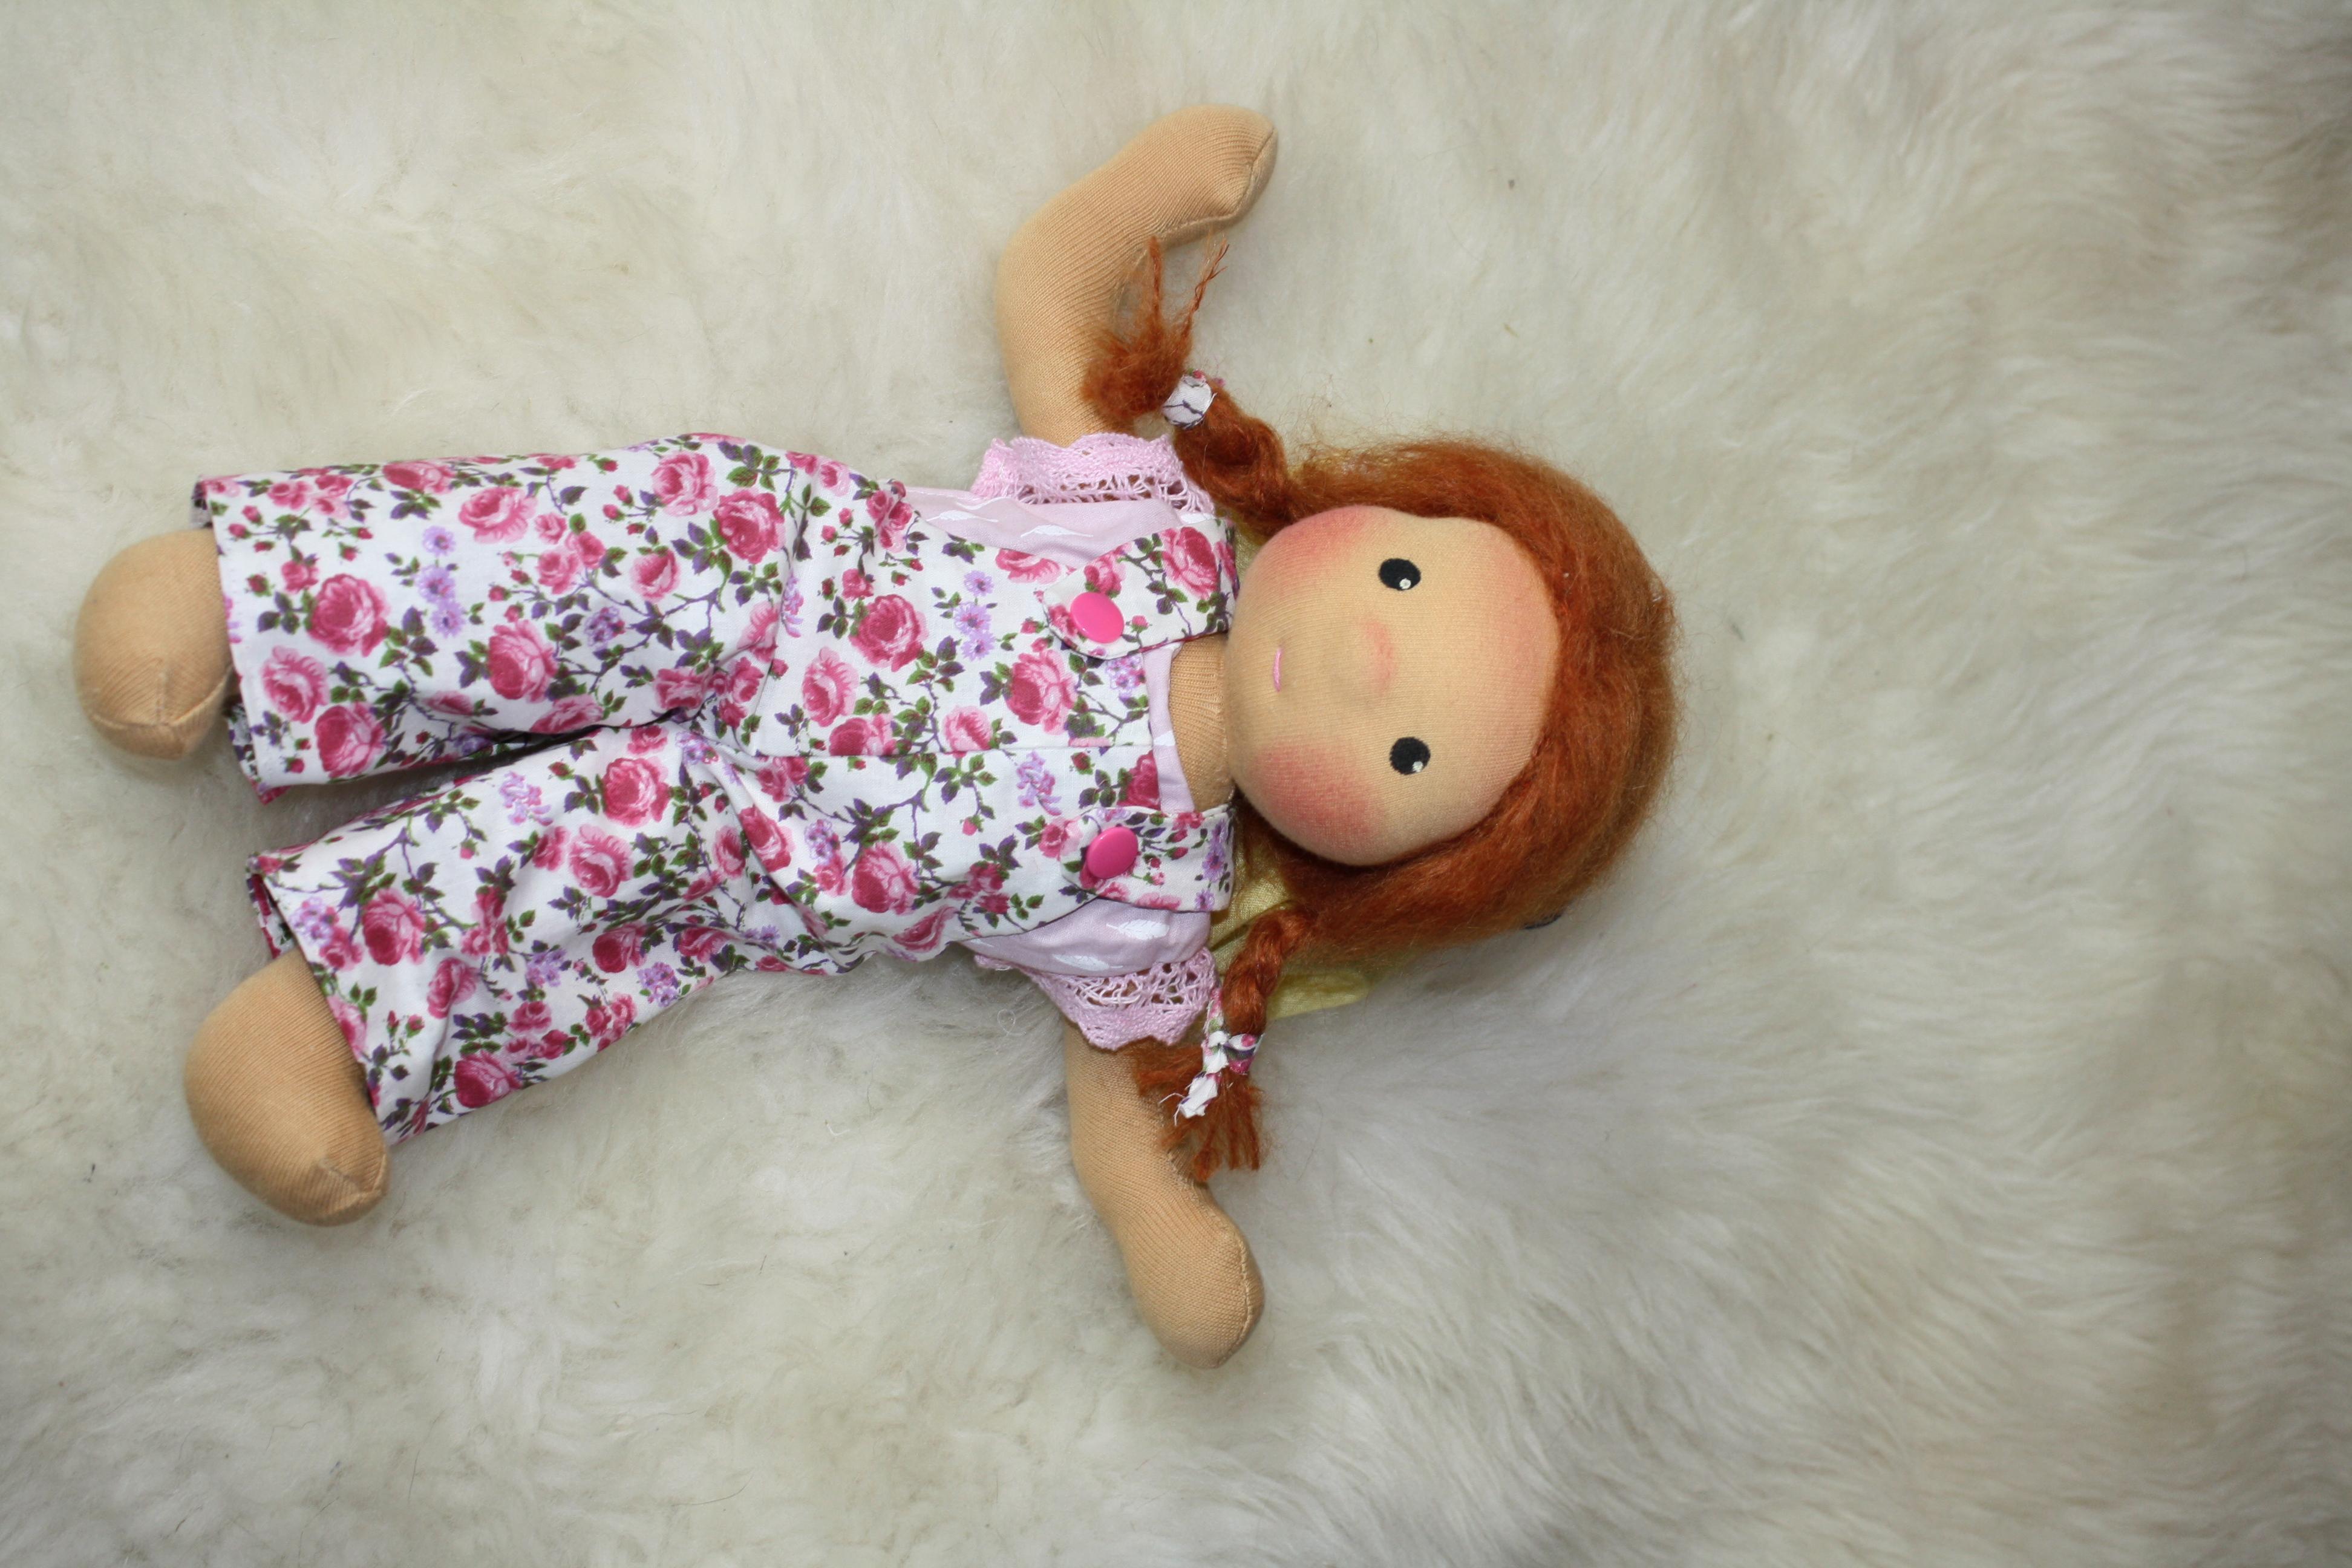 Puppe nach Art einer Waldorfpuppe